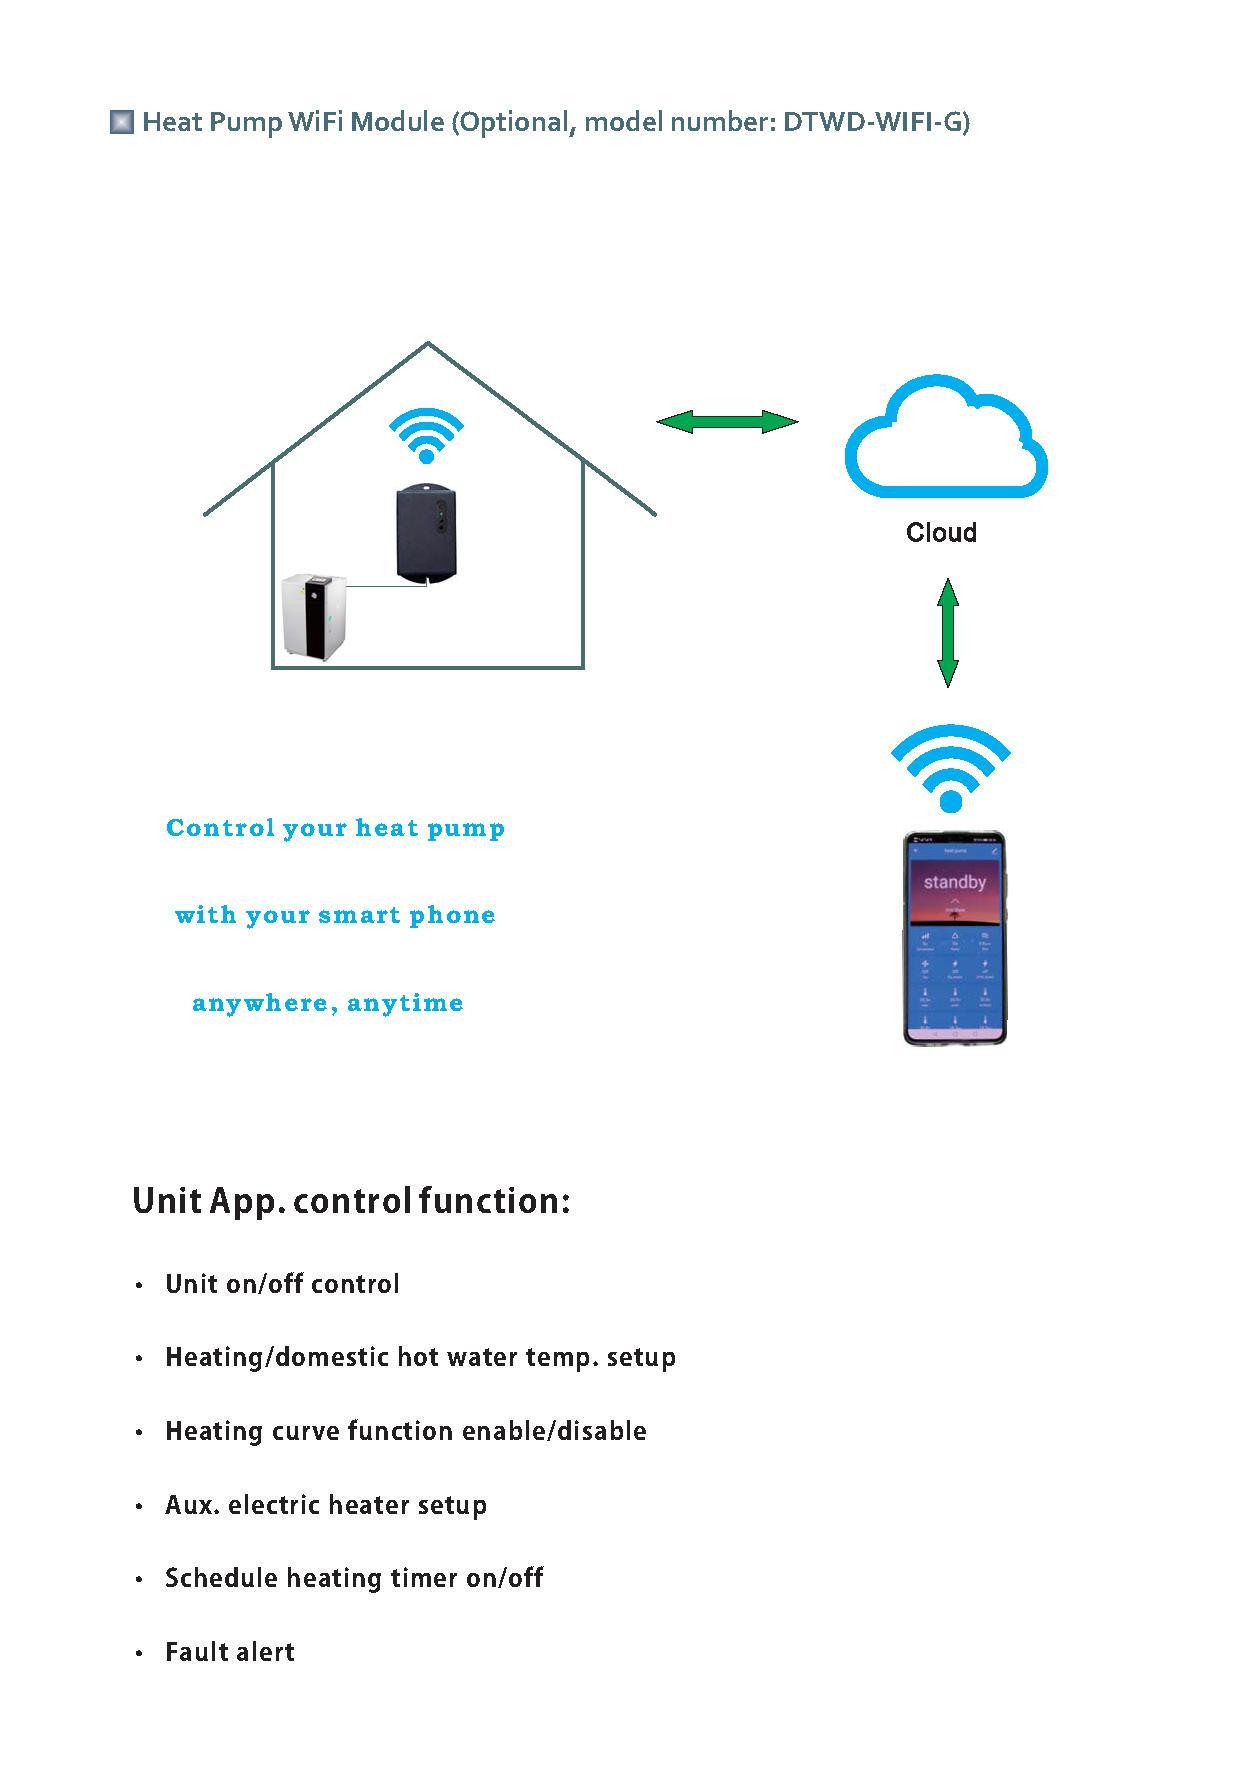 wifi module